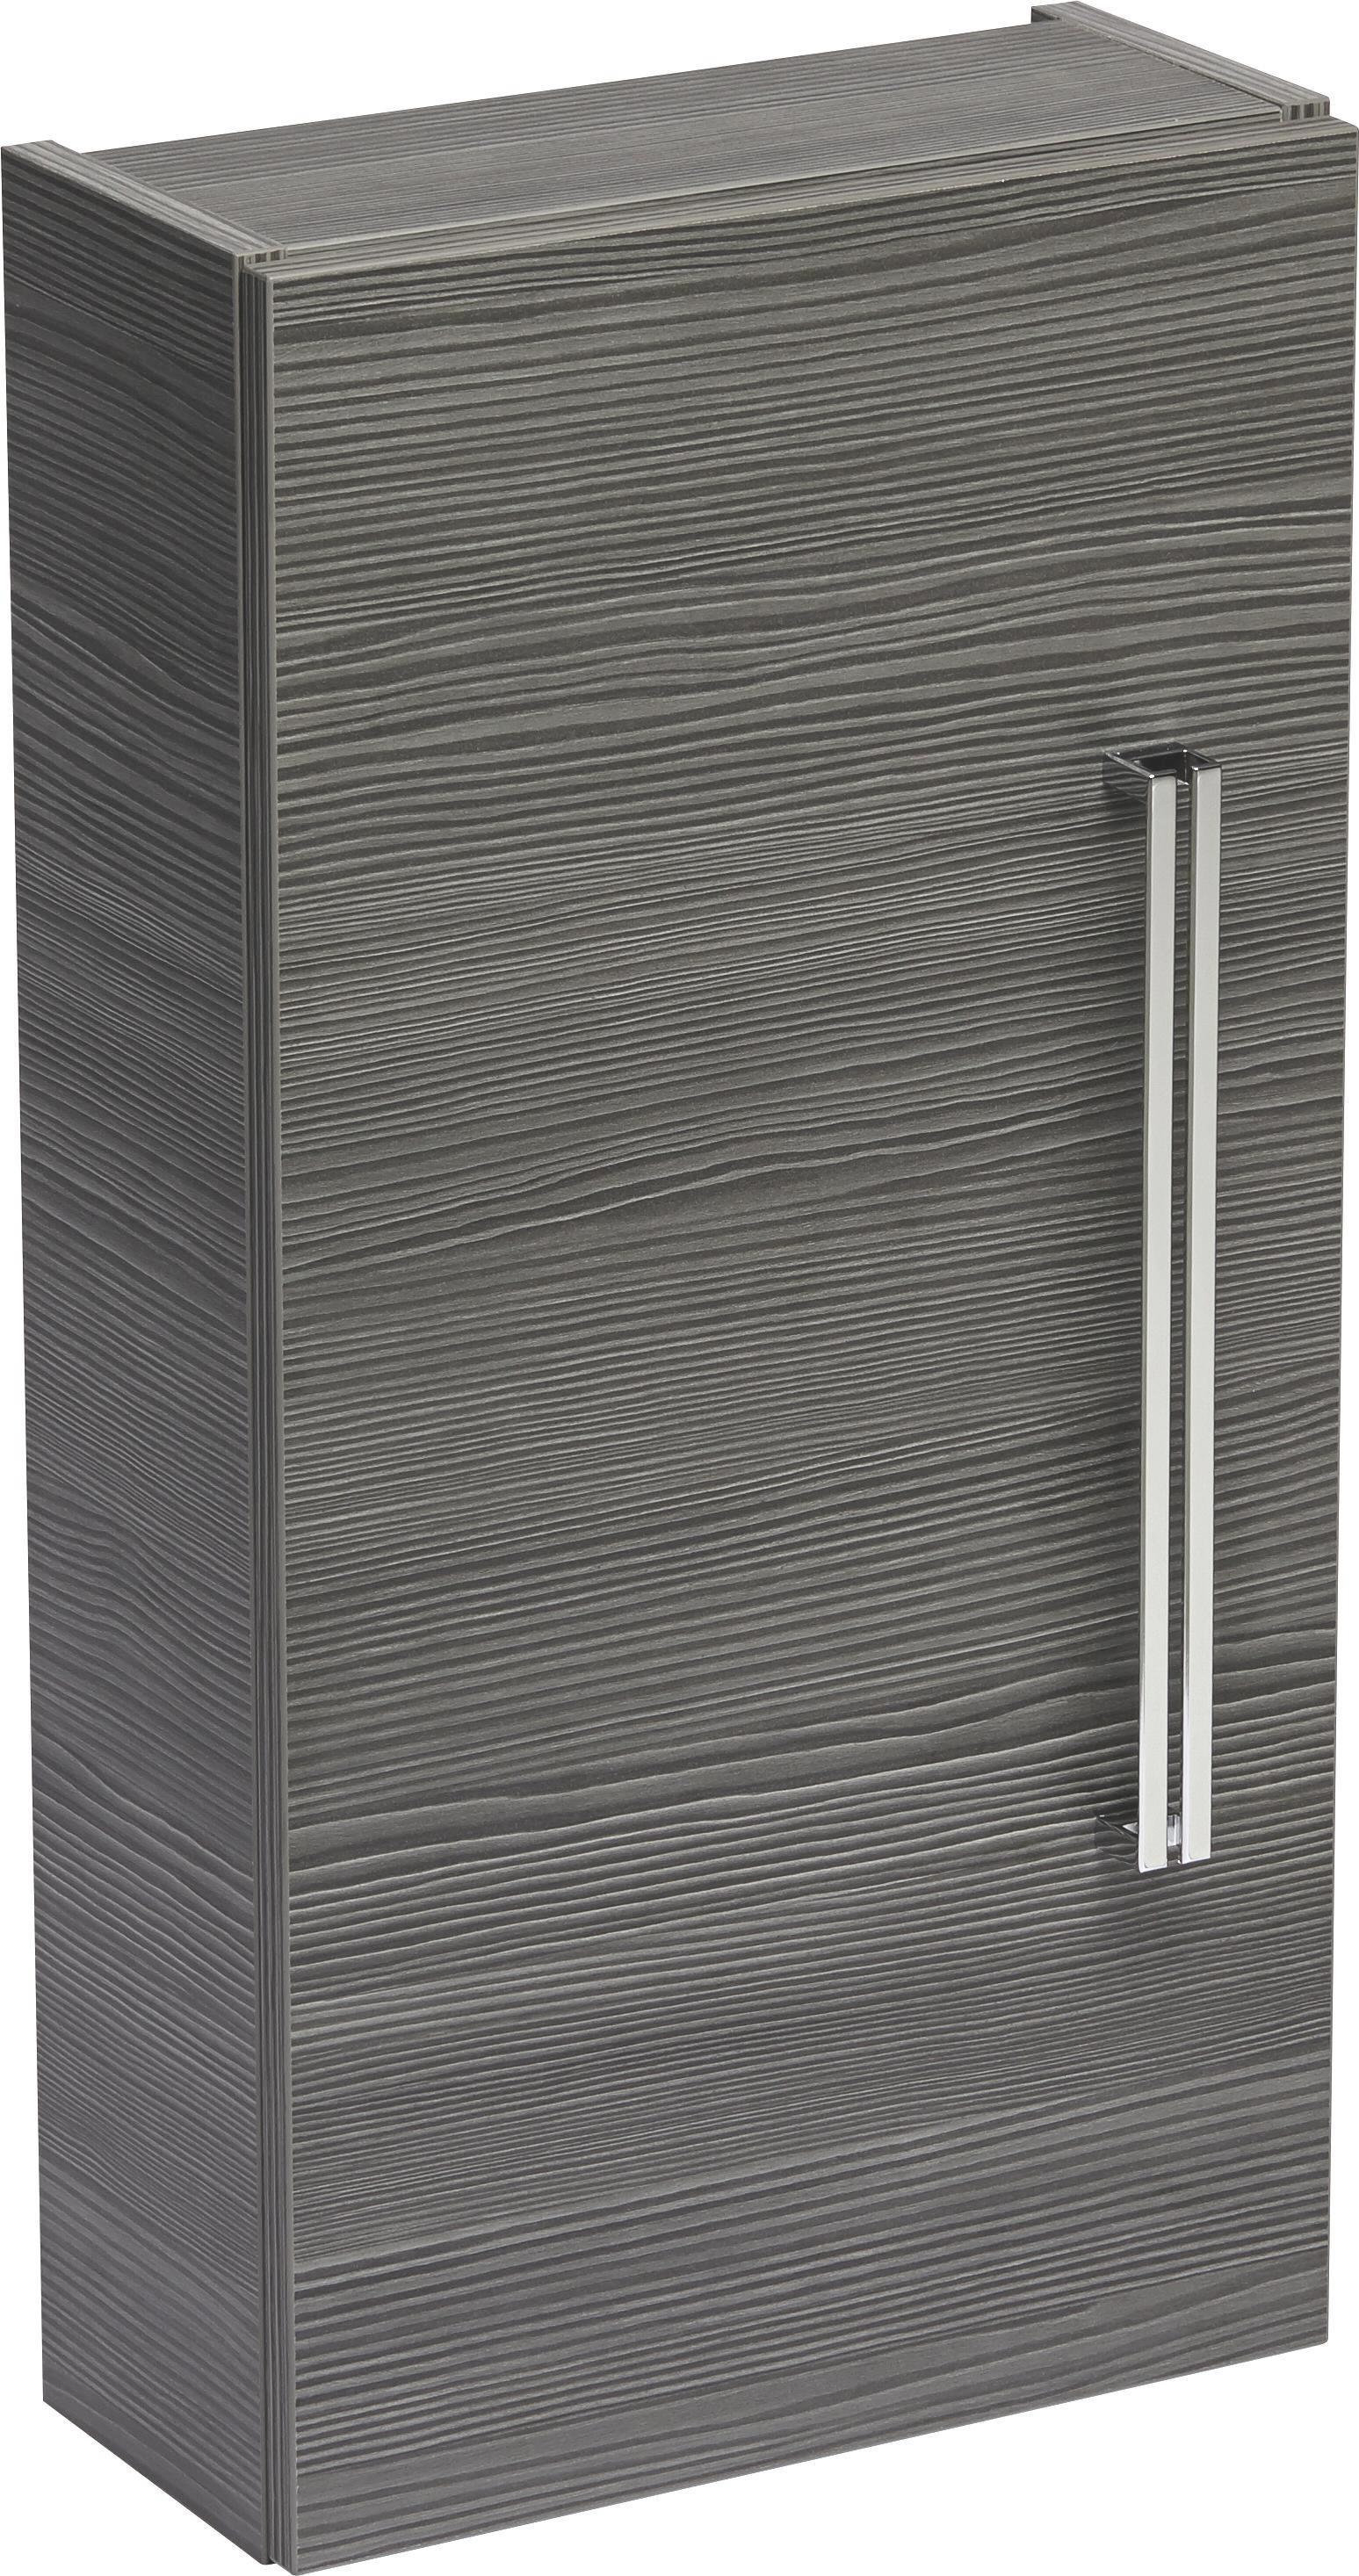 Hängeschrank in Mooreichefarben - Chromfarben/Mooreichefarben, MODERN, Glas/Holzwerkstoff (35/68/16cm) - PREMIUM LIVING